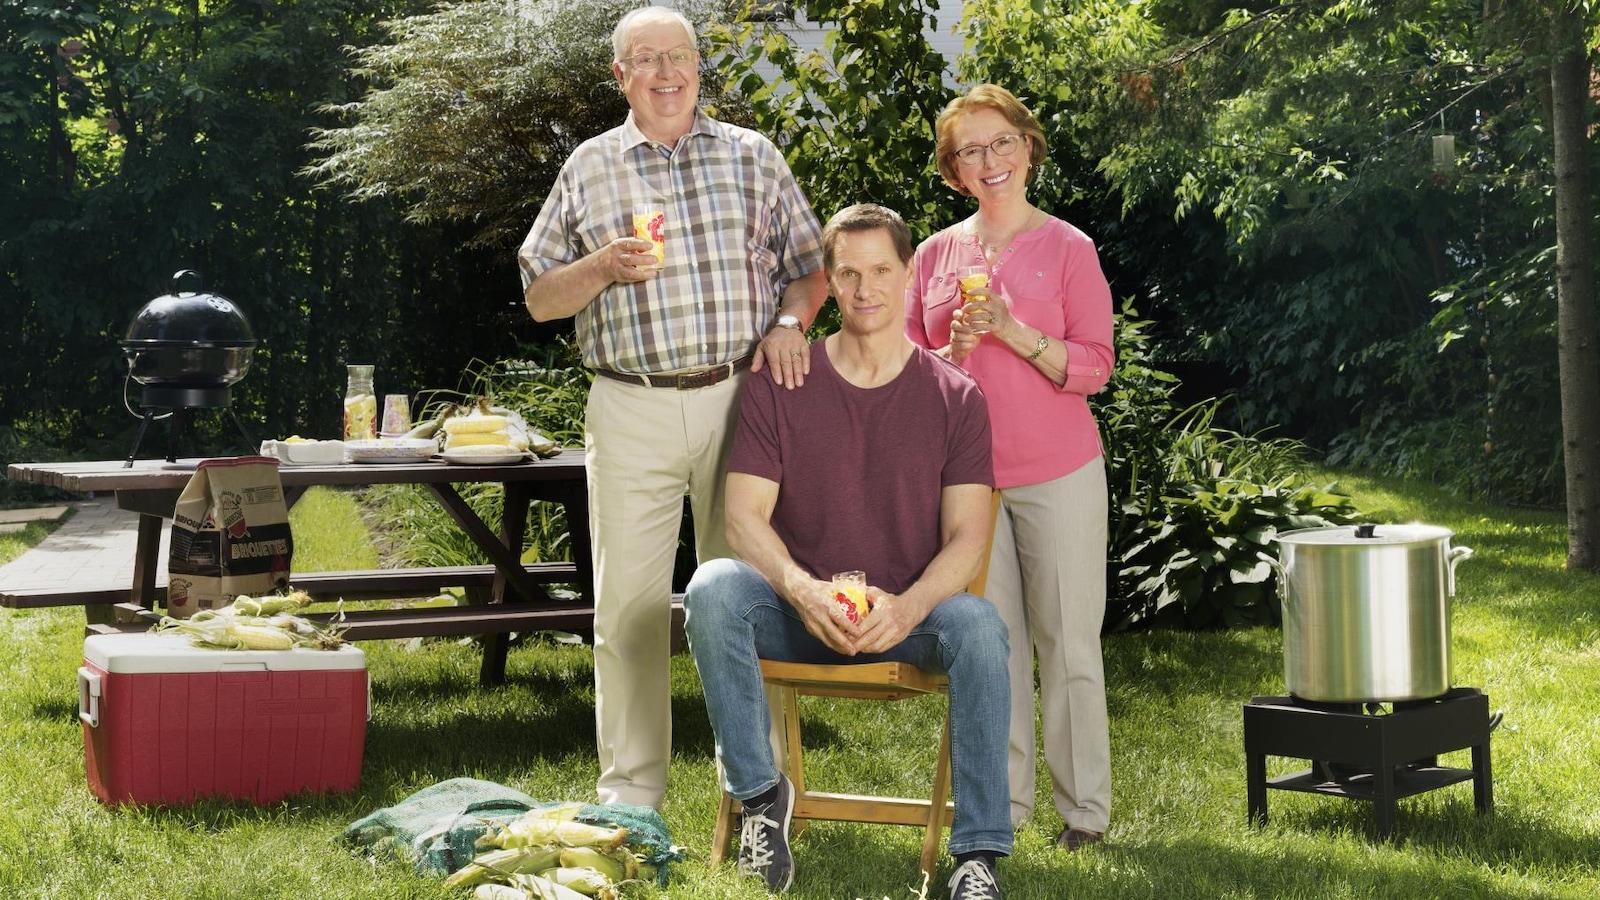 Lors d'une épluchette de blé d'Inde, François Morency est assis sur une chaise, ses parents sont derrière lui.